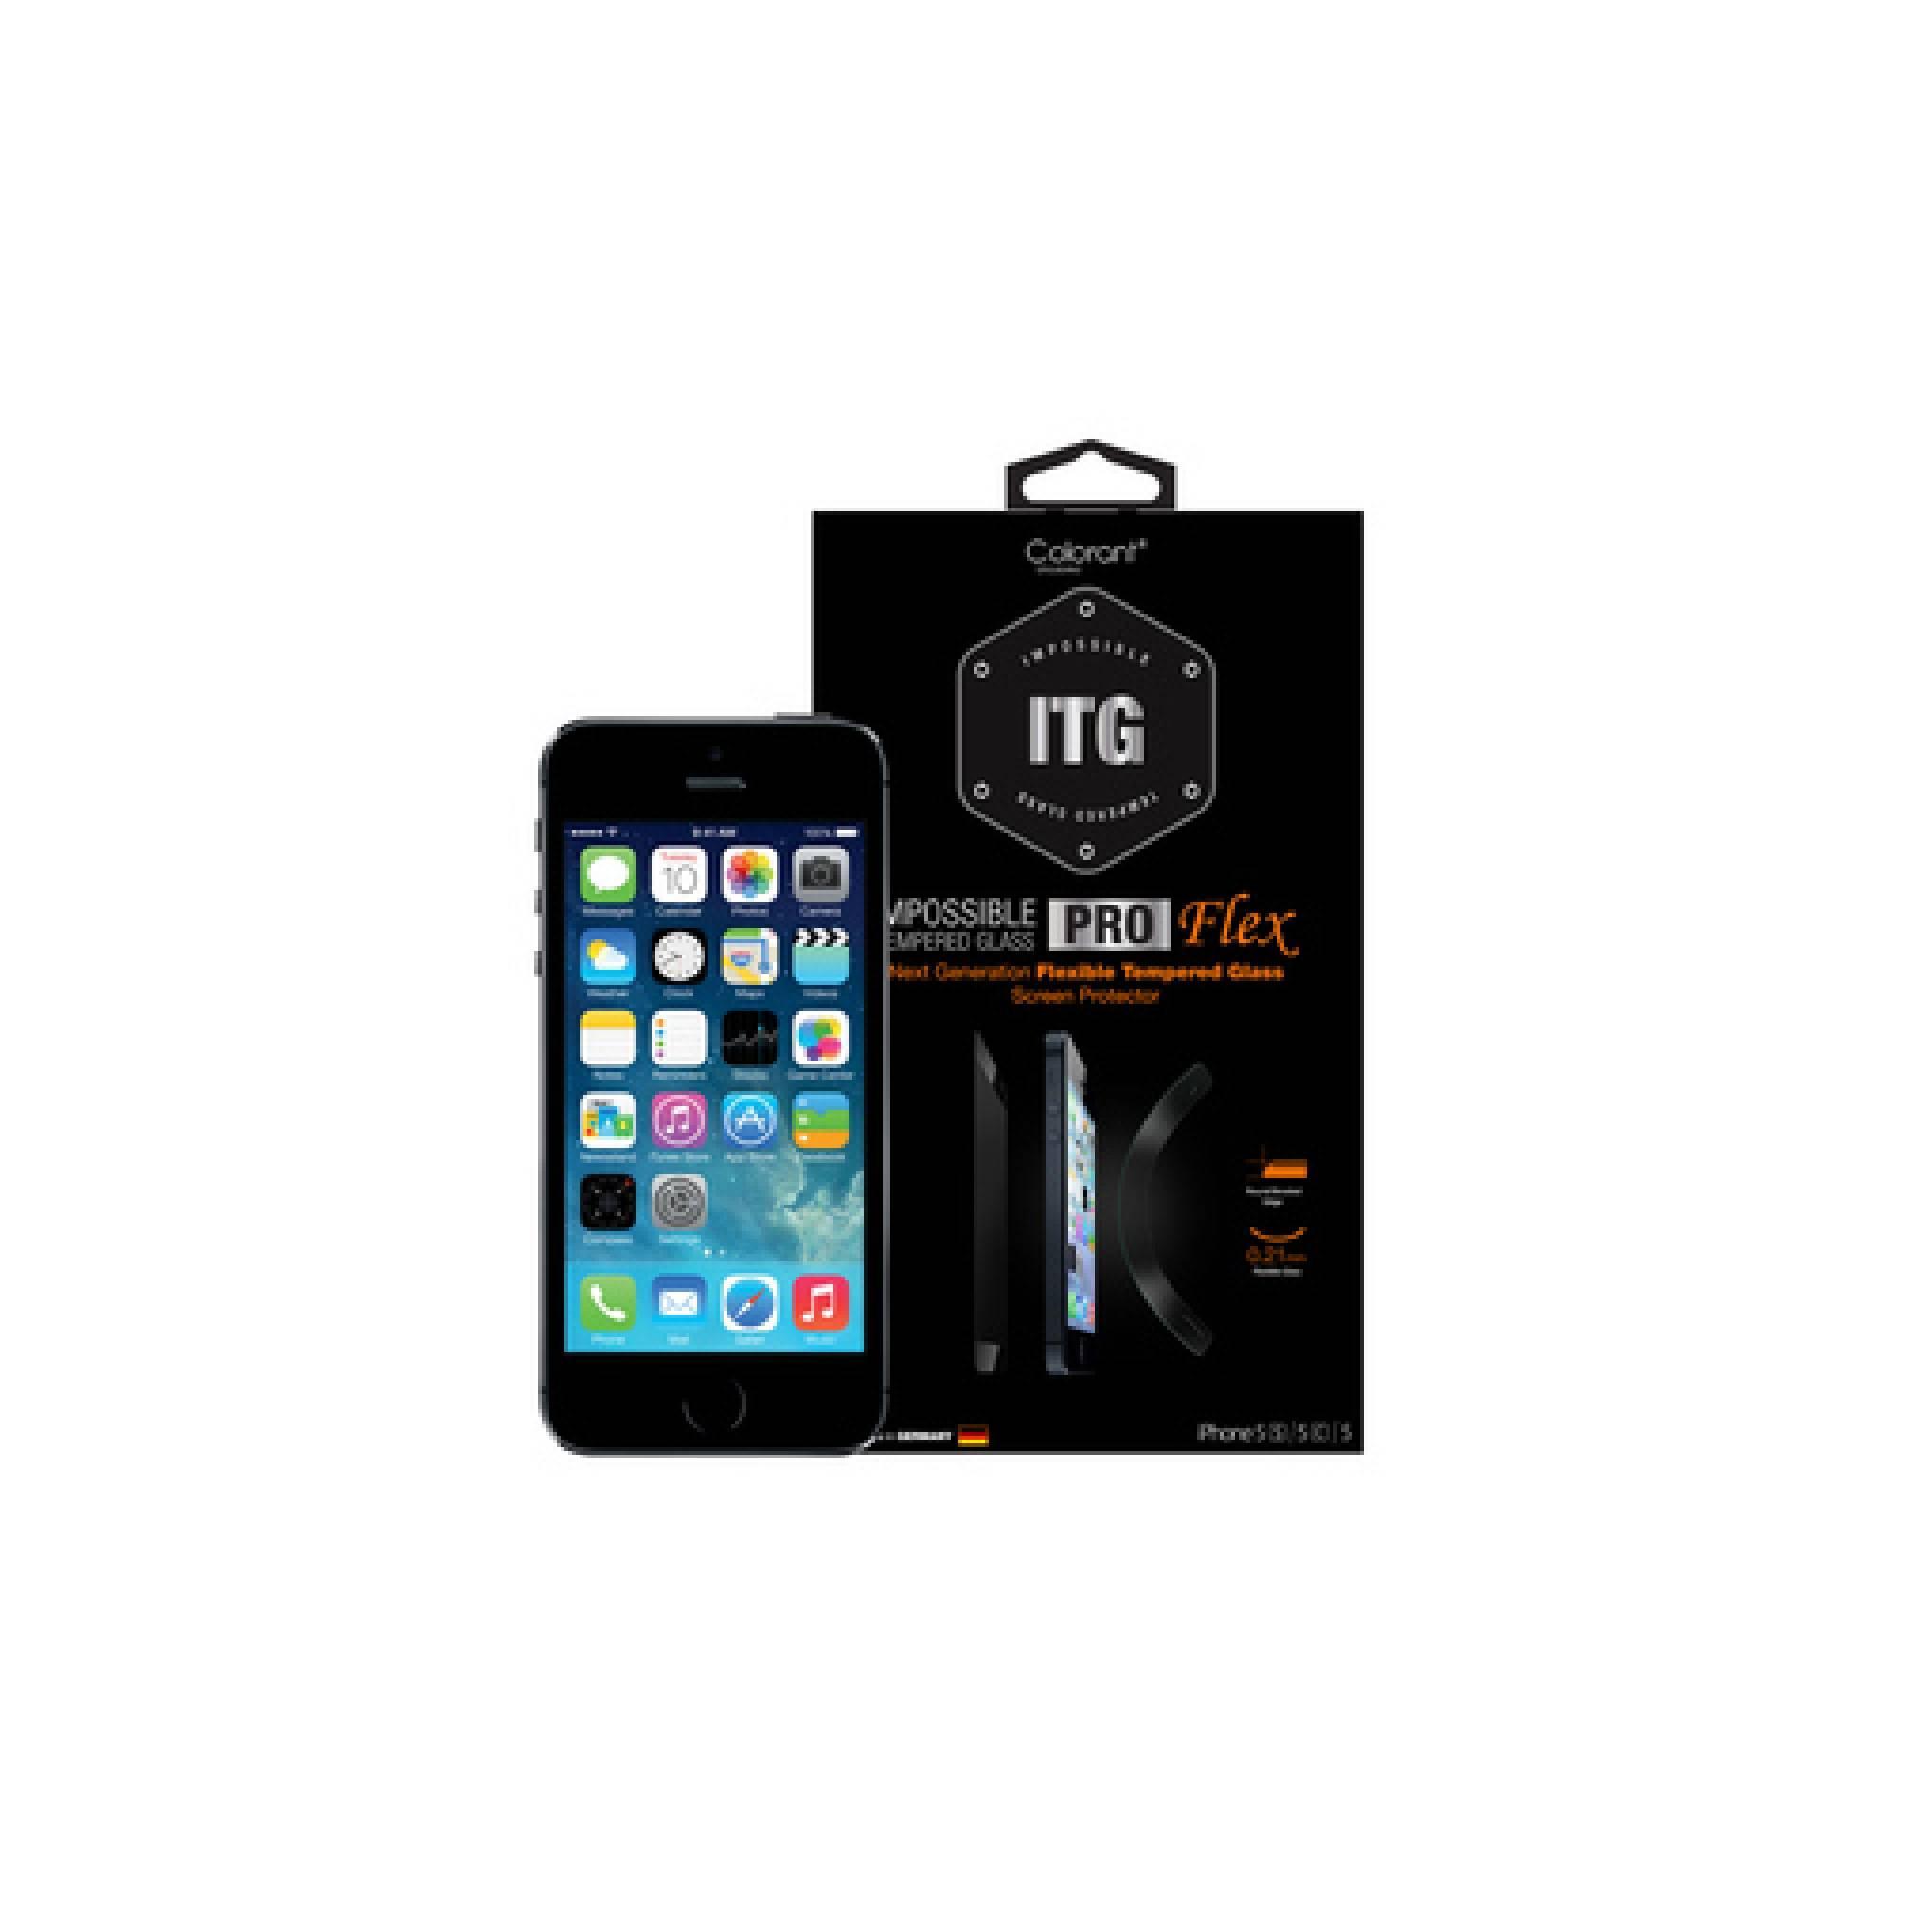 Colorant iPhone 5S ITG Pro - Flex [Packing Rusak]